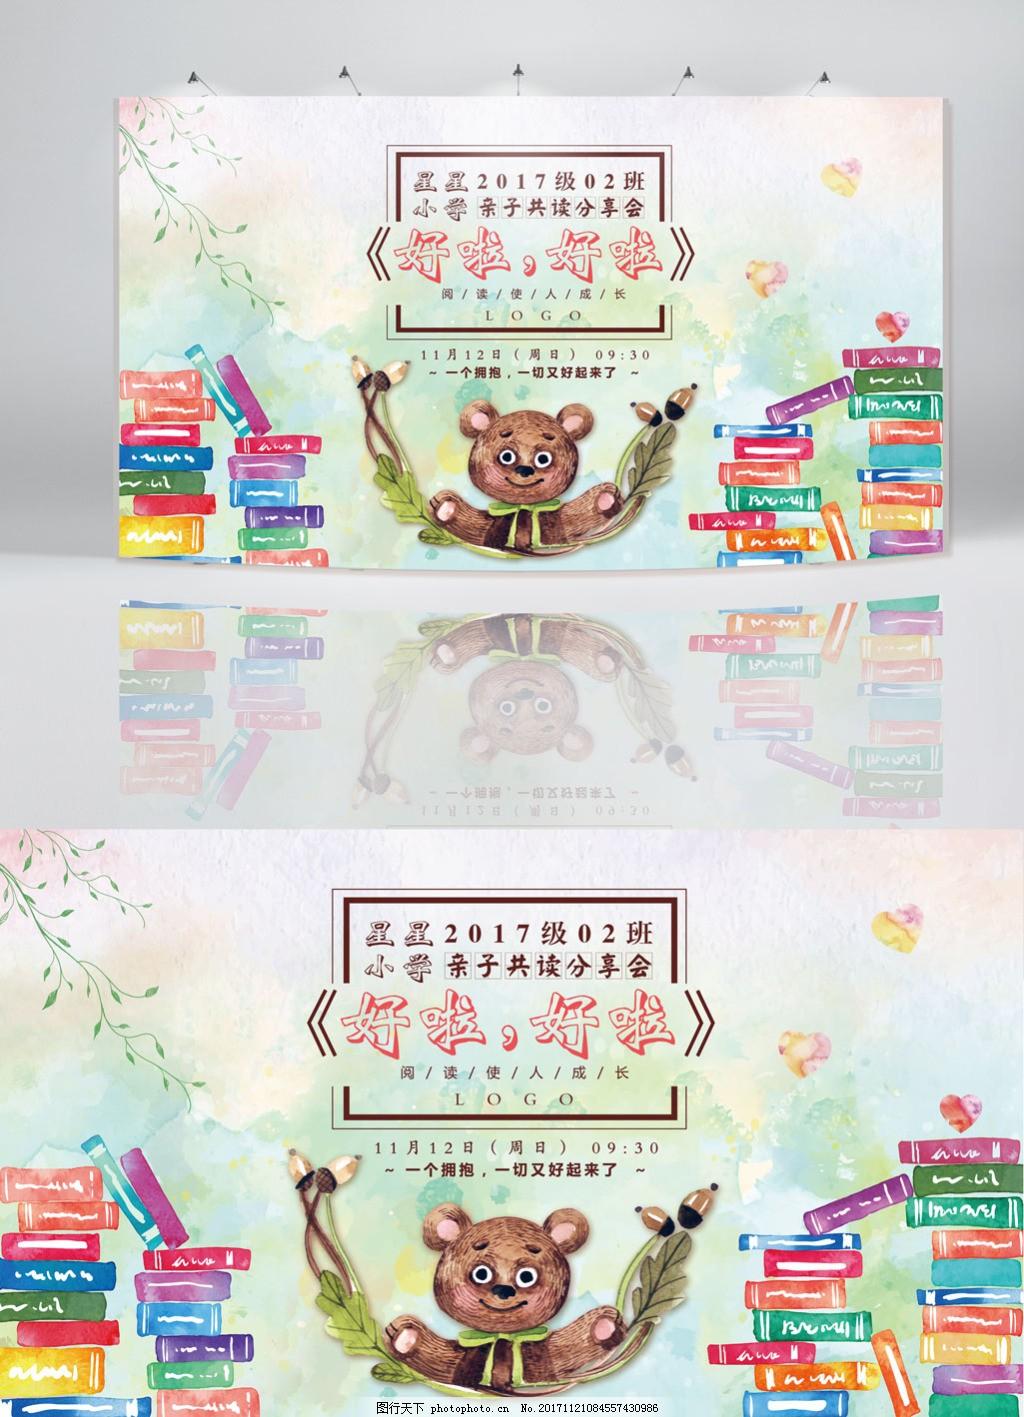 小学读书会背景板 儿童 阅读 可爱 知识 小熊